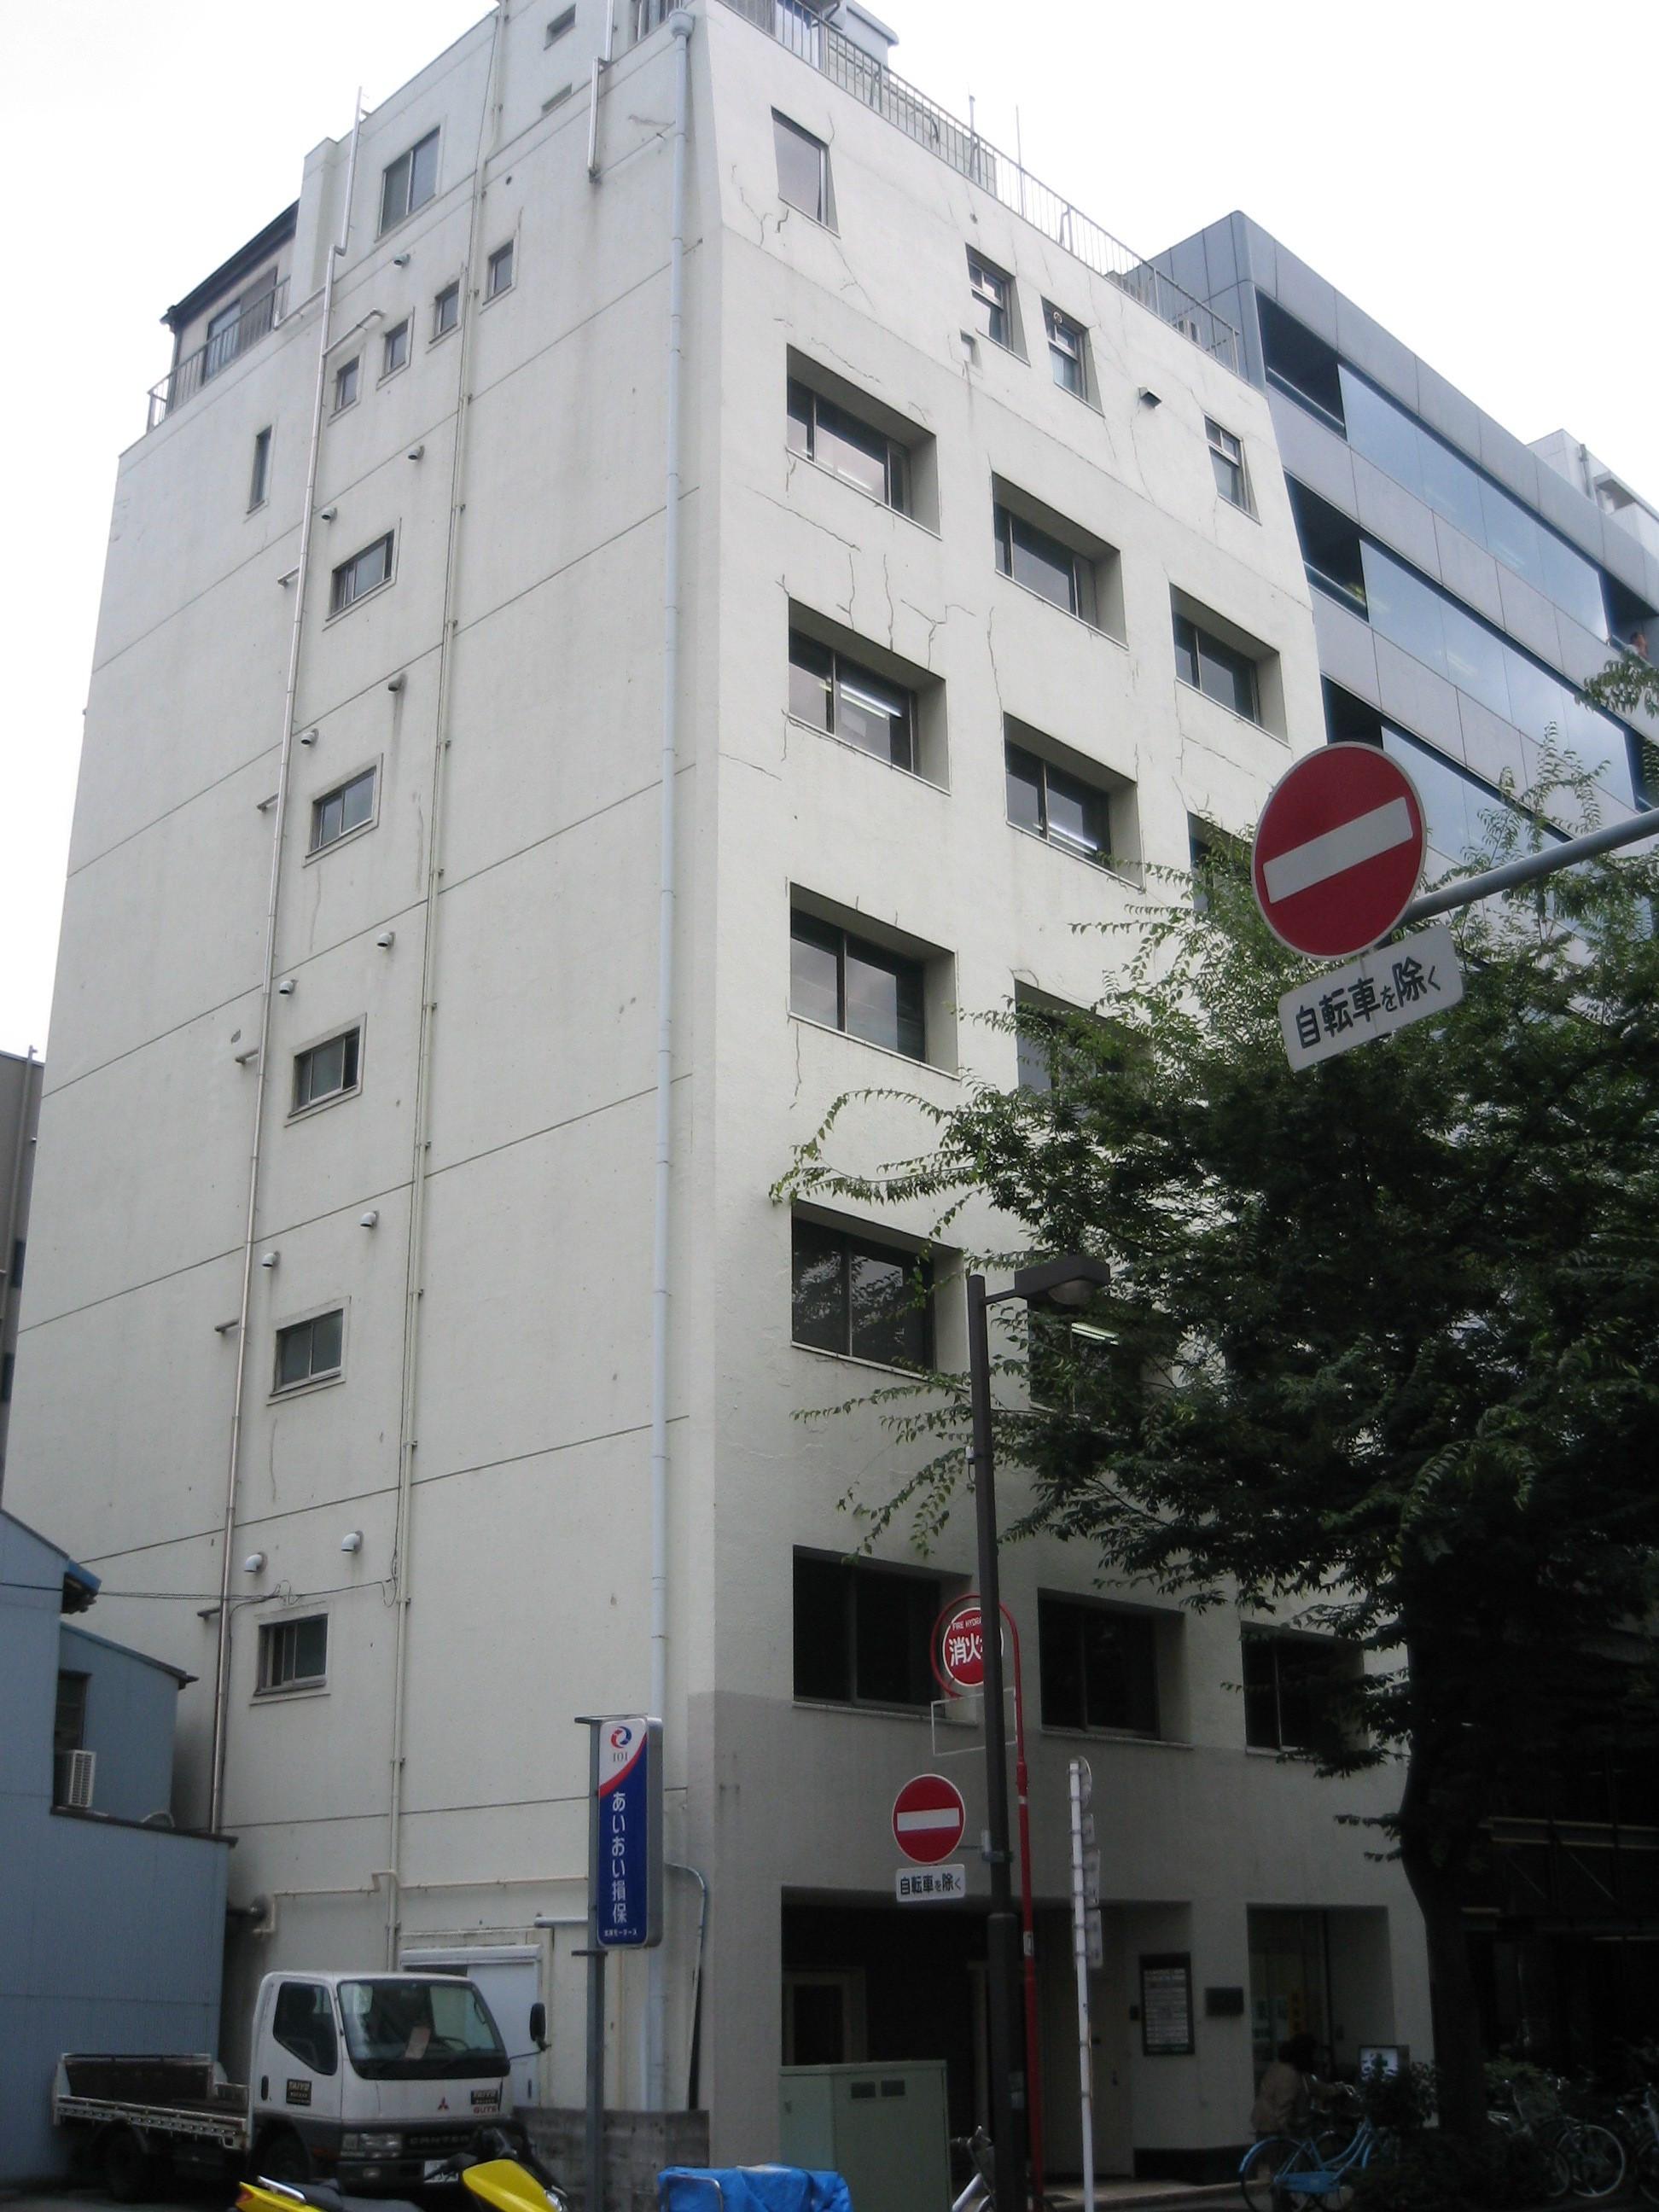 川村ビル、東京都台東区上野7-11-7、上野駅 徒歩4分